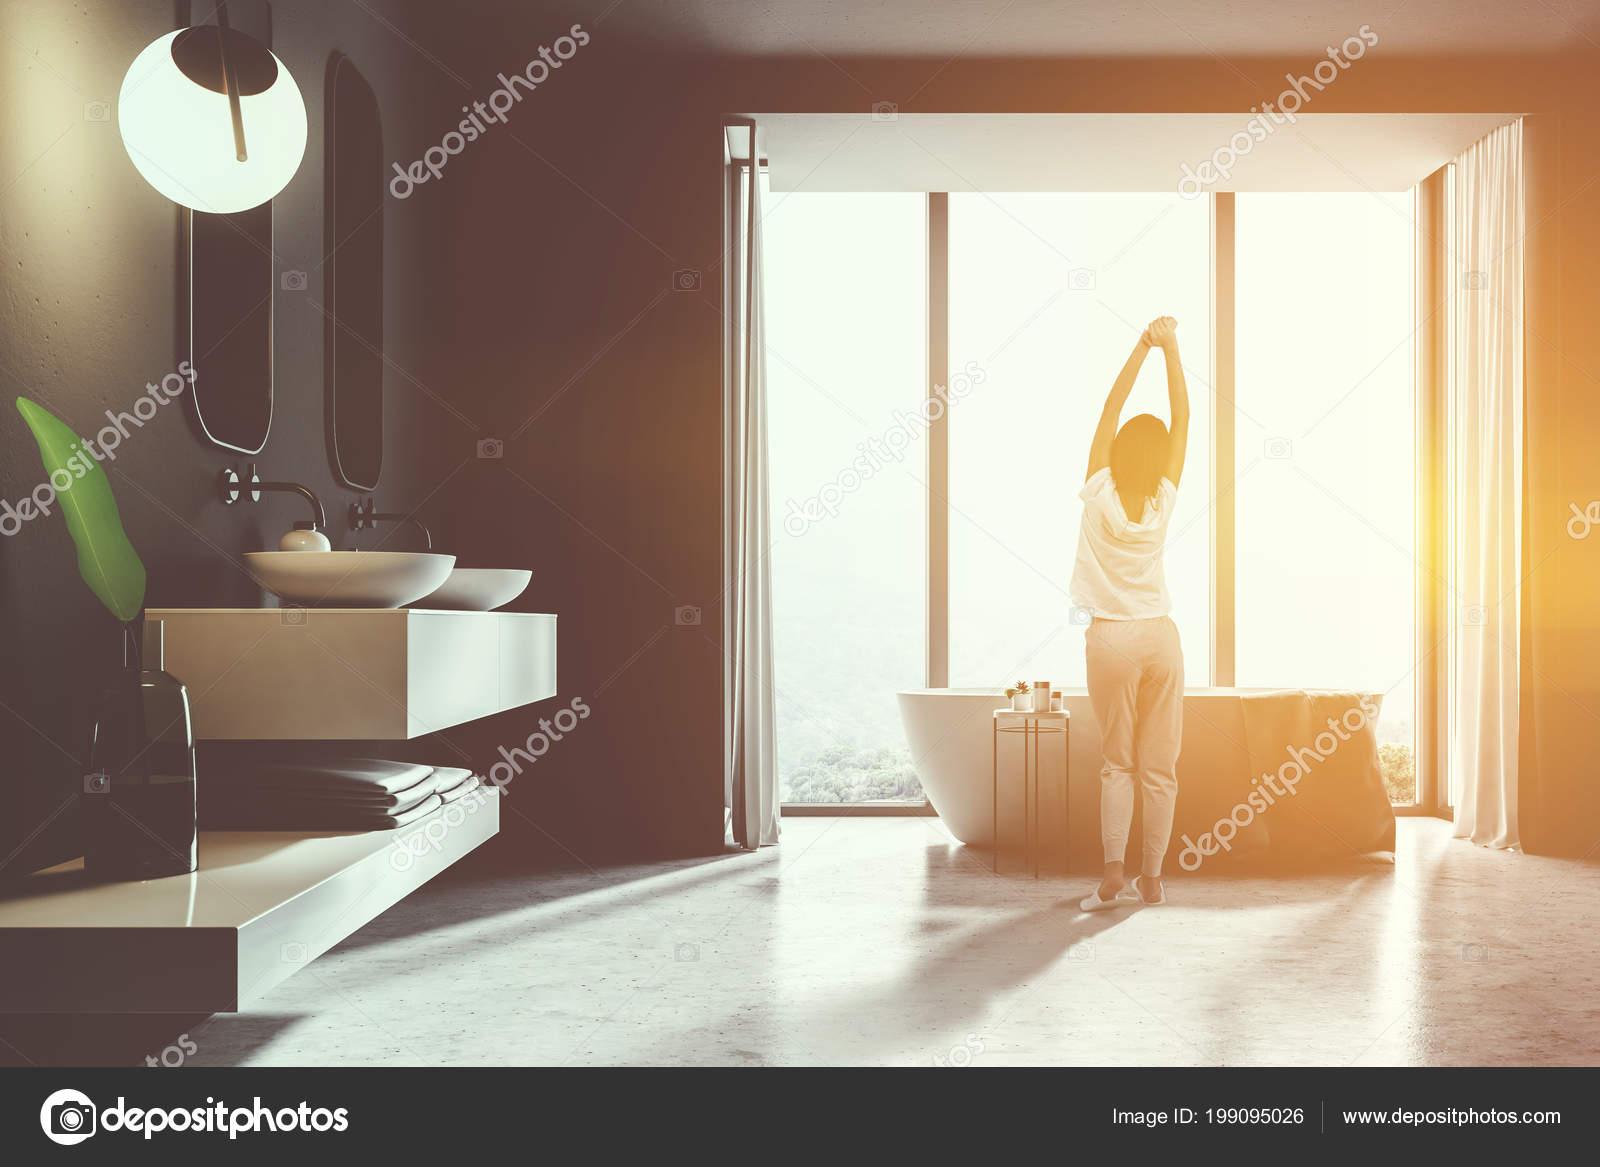 Donna interiore bagno con pareti piastrelle nere doppio lavandino